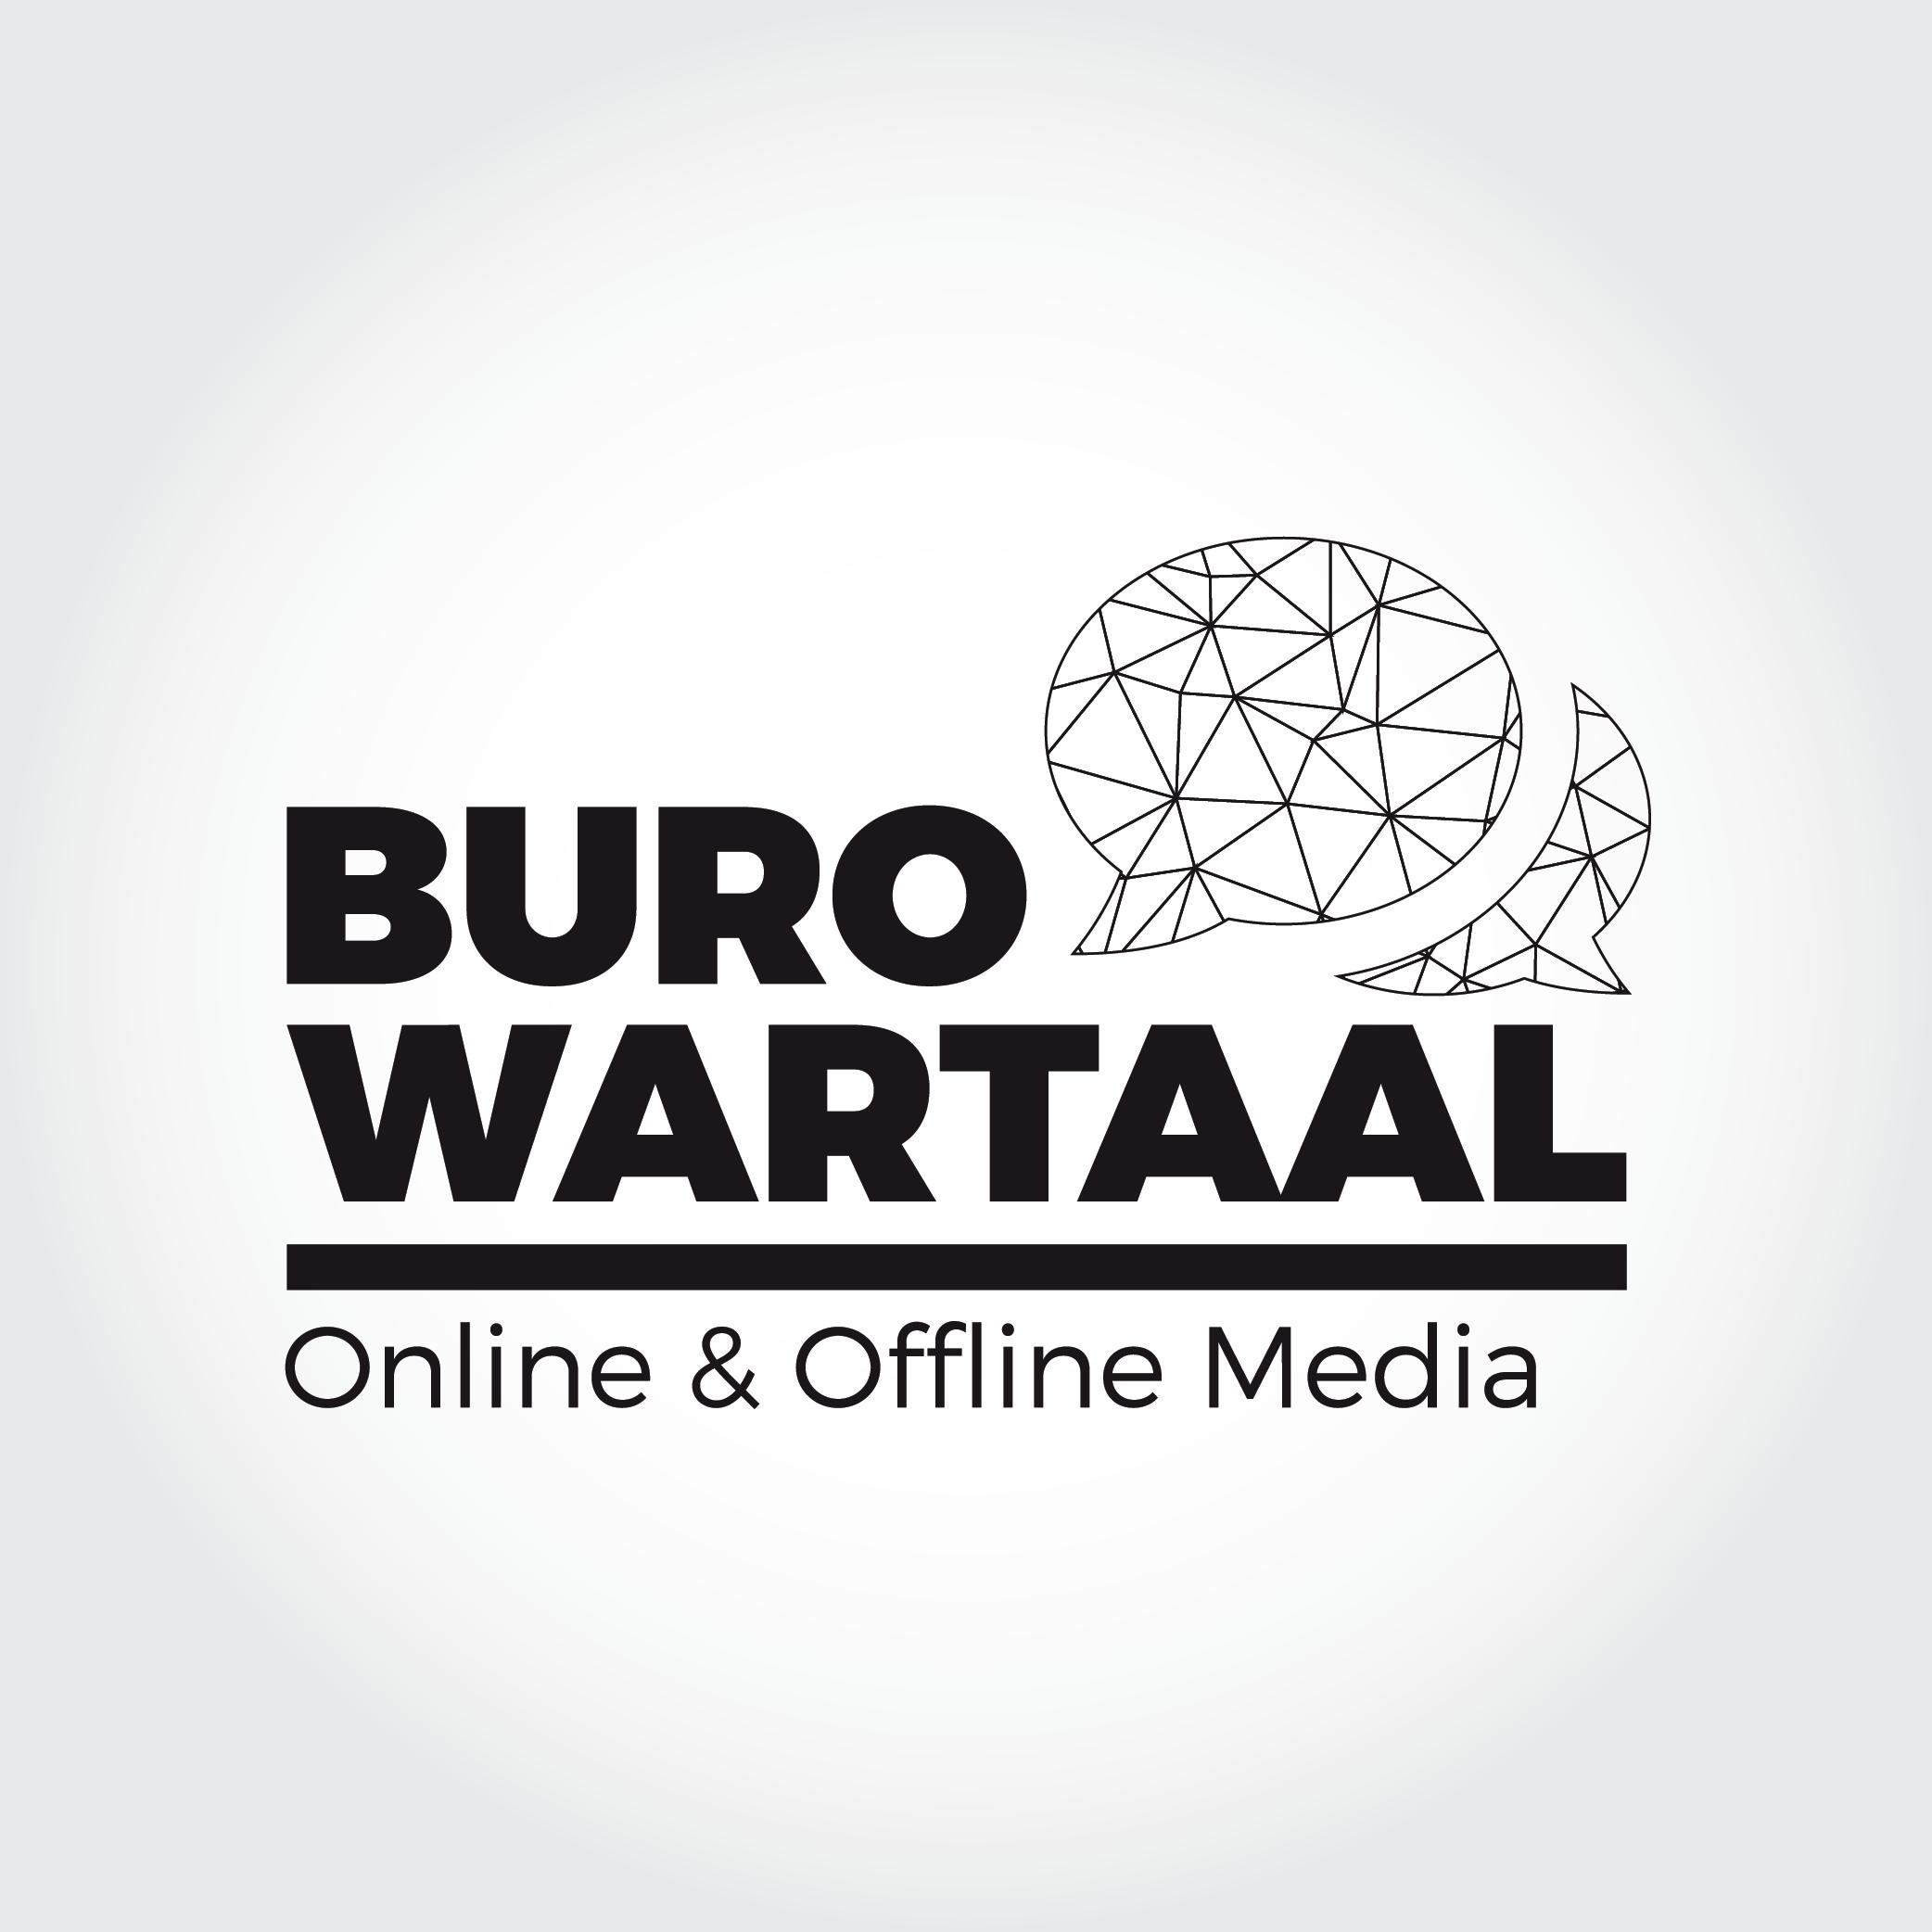 Buro Wartaal